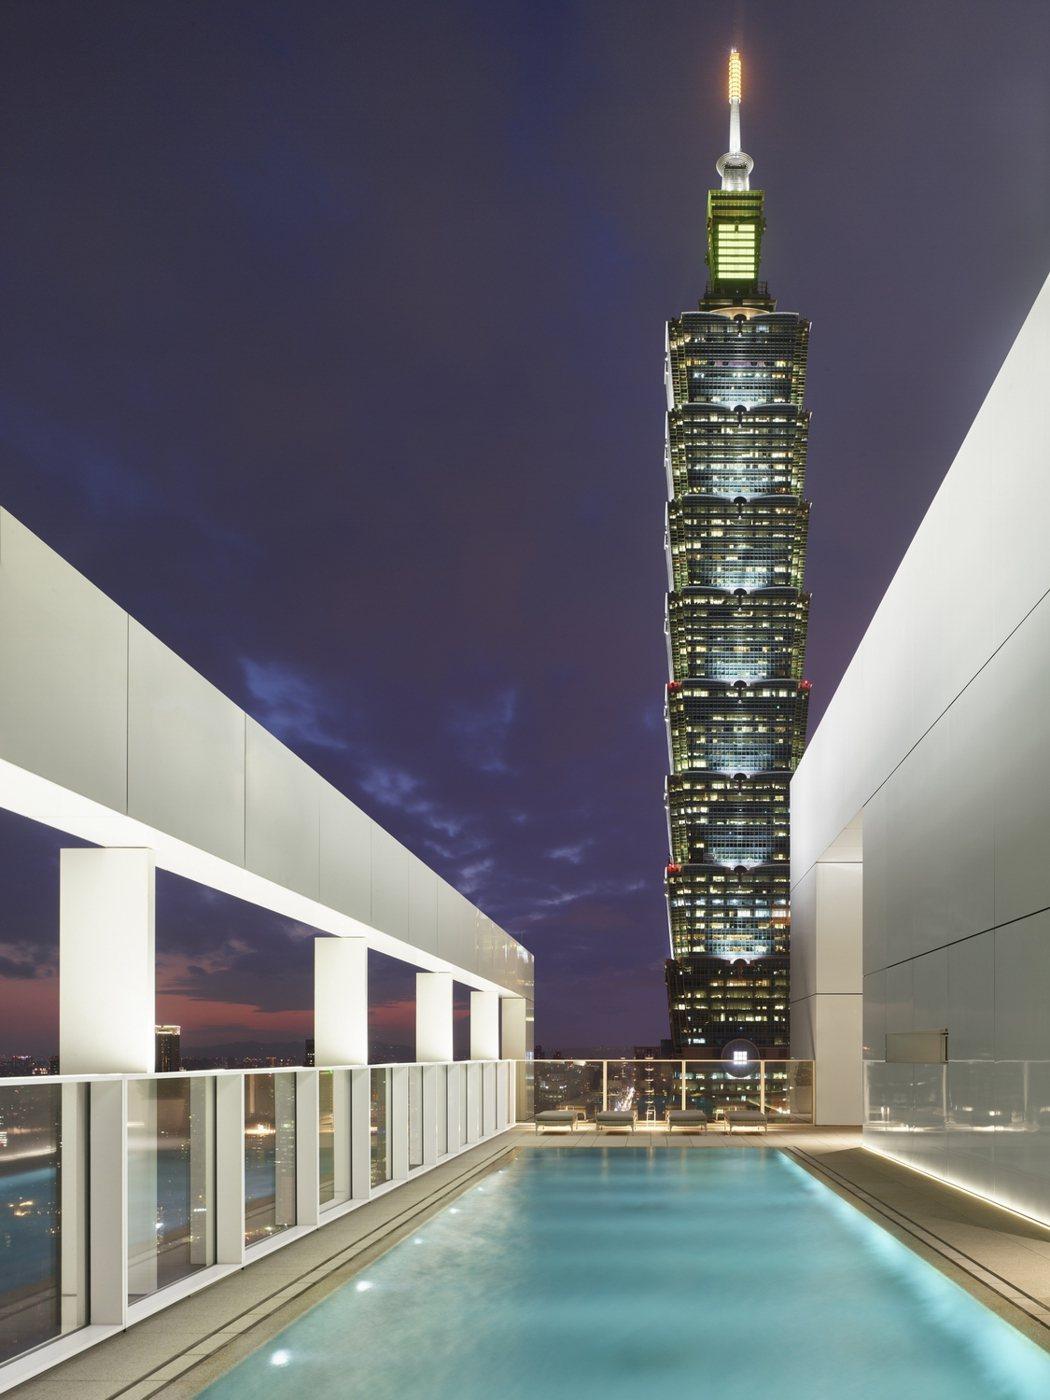 麥爾遍布全球的63座建築宅案中,逾半都是世界頂級富豪的私人訂製高級別墅與景觀會所...